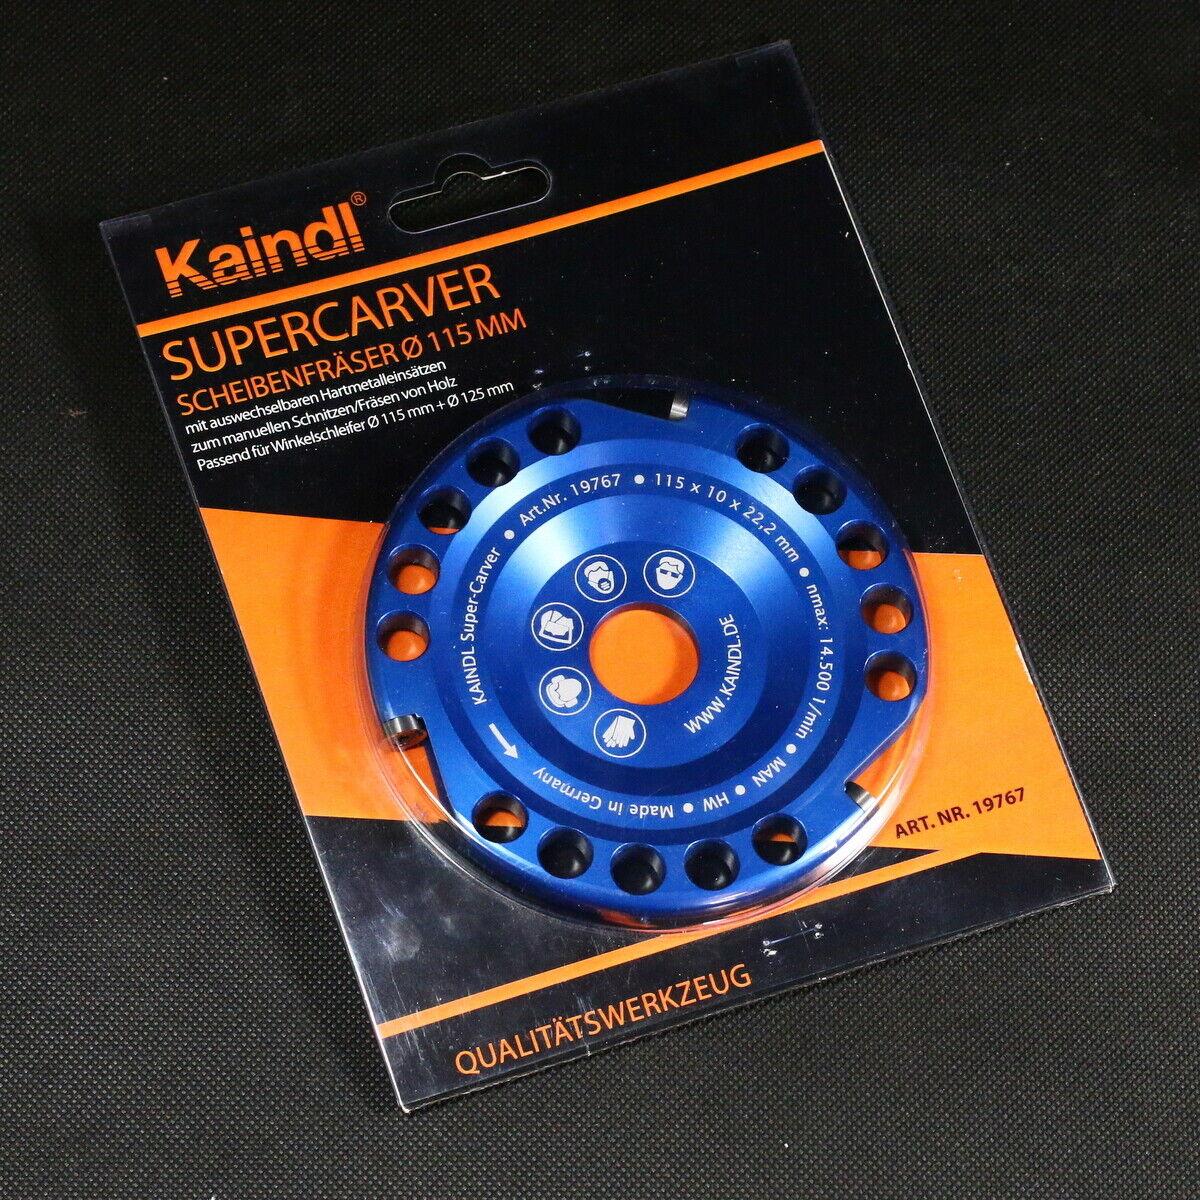 Kaindl Super Carver Holzschnitzfrässcheibe für Winkelschleifer